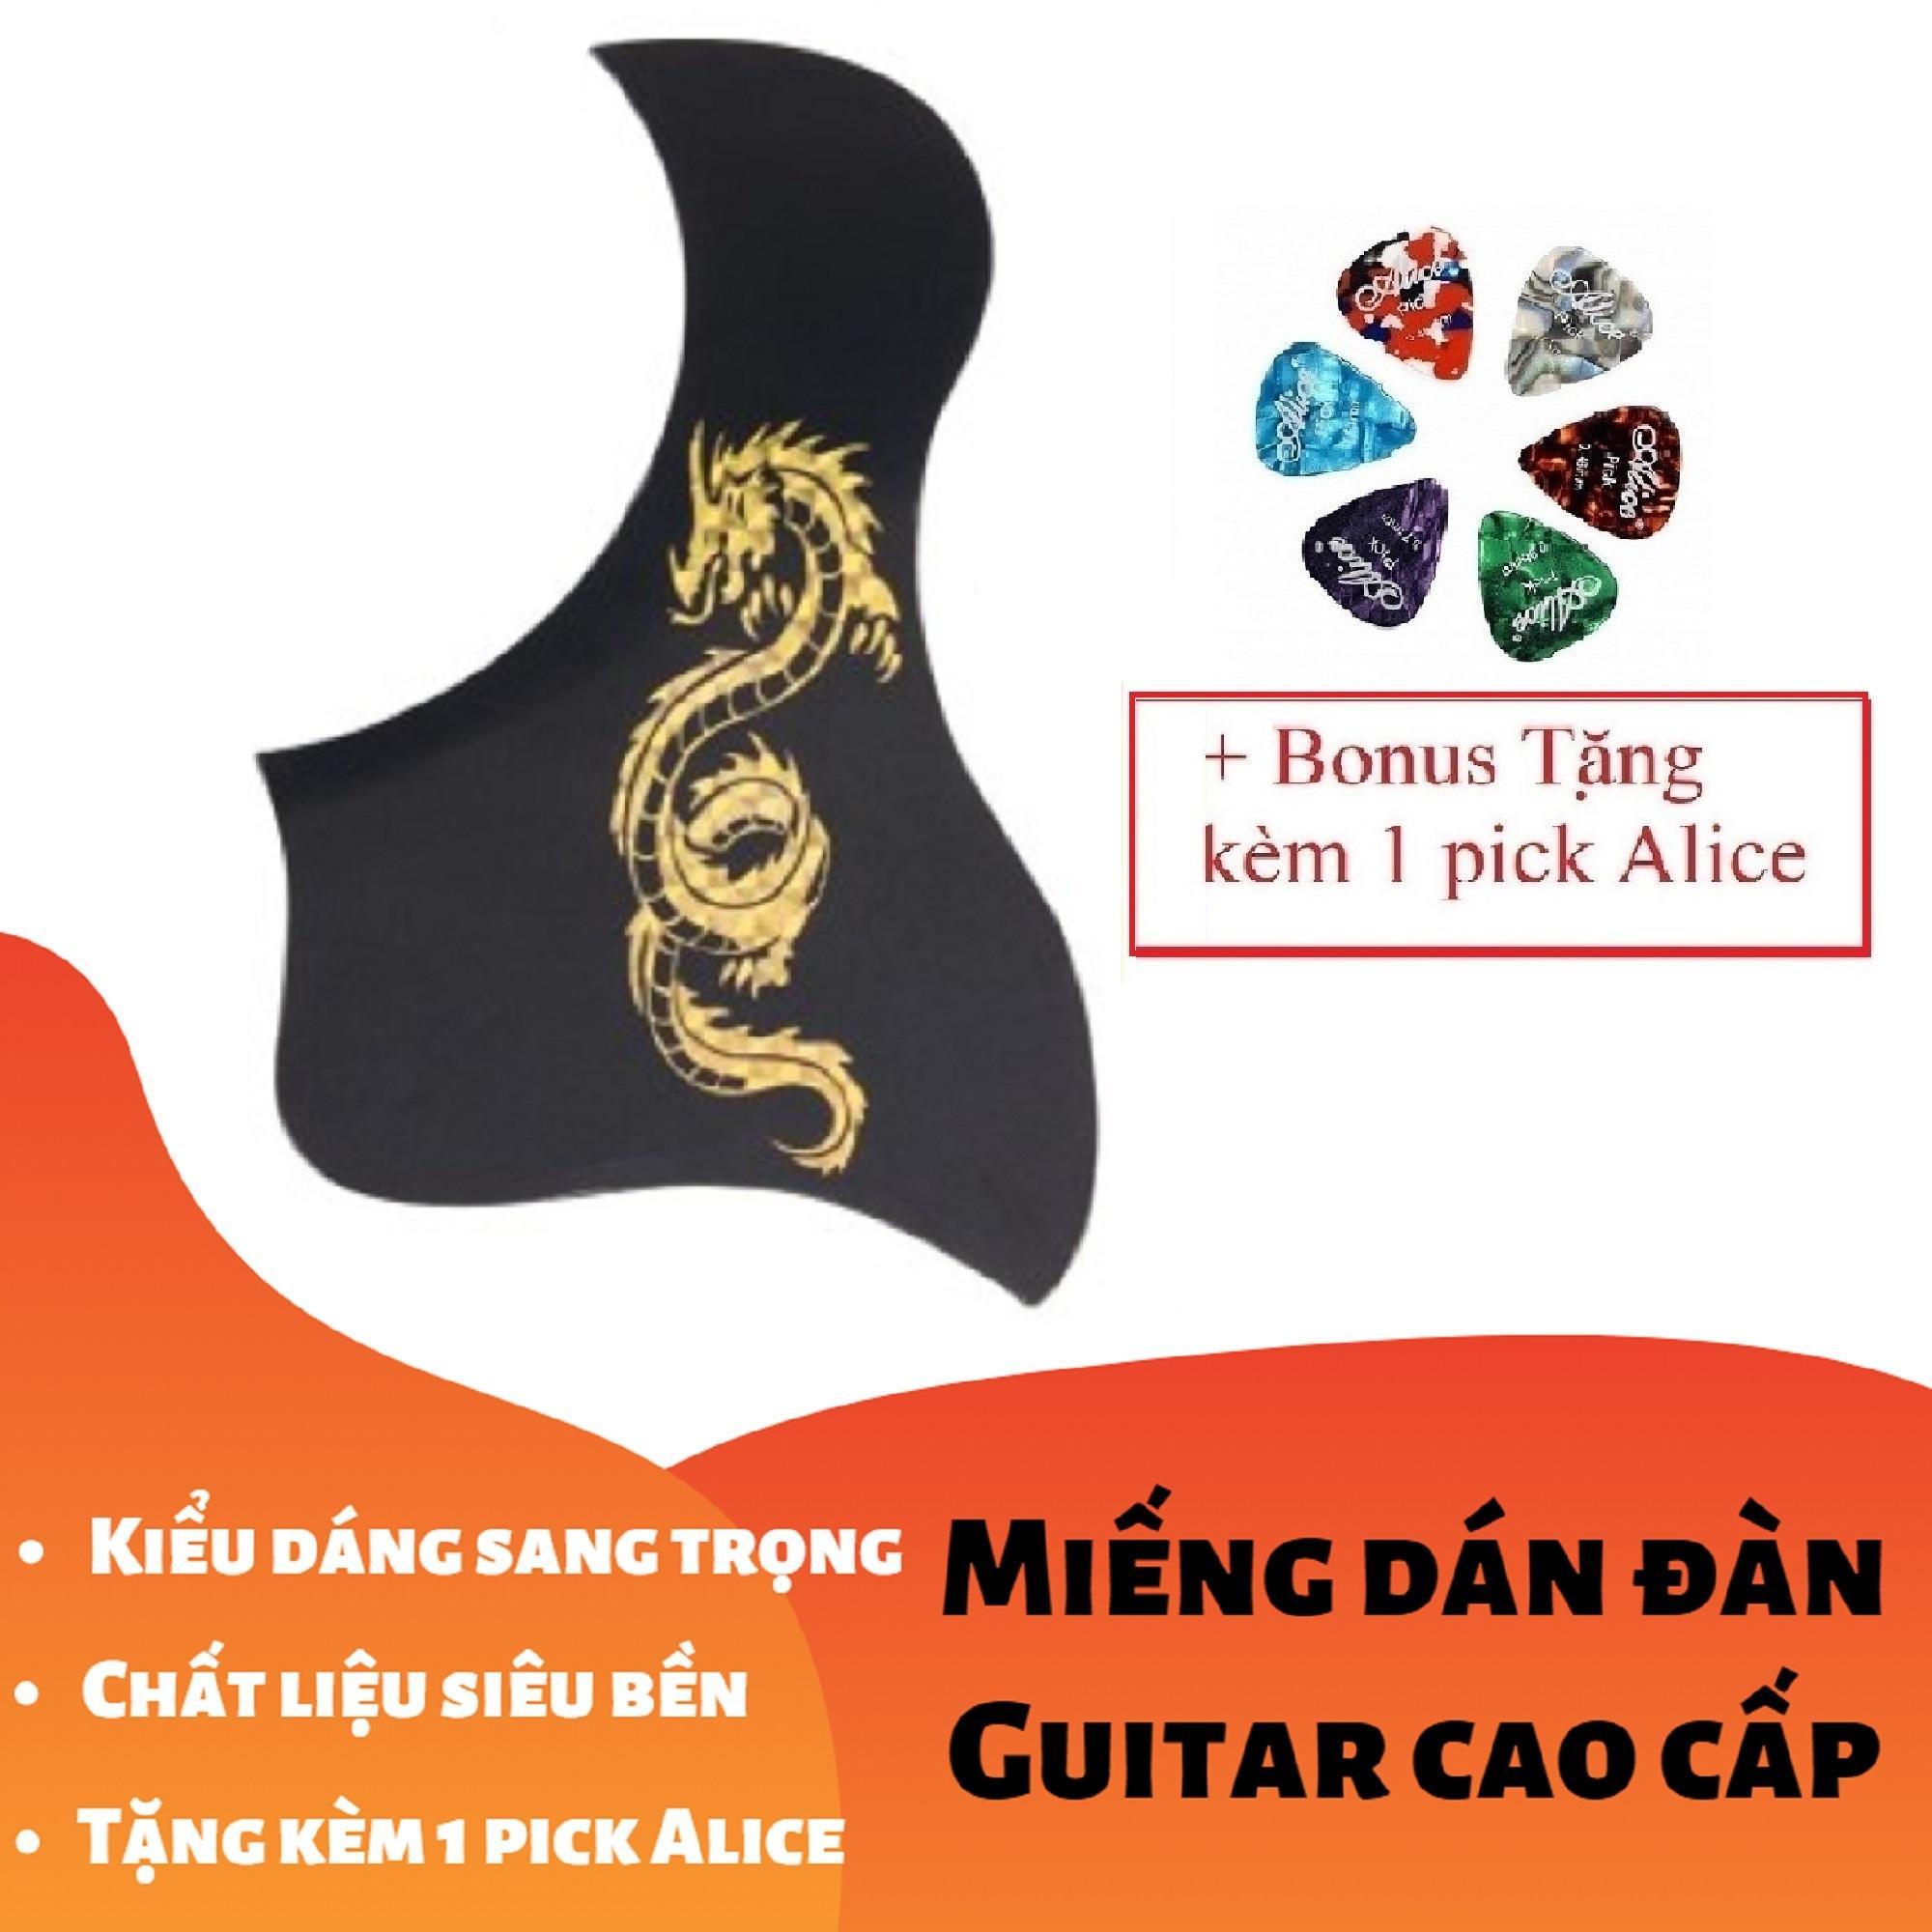 [RẺ GIẬT MÌNH] Miếng Dán Cao Cấp Trang Trí, Bảo Vệ đàn Ghi-ta 3D Rồng Thần Vàng Bạc (Guitar PickGuard) - Tặng Kèm 1 Pick Alice Có Giá Tốt